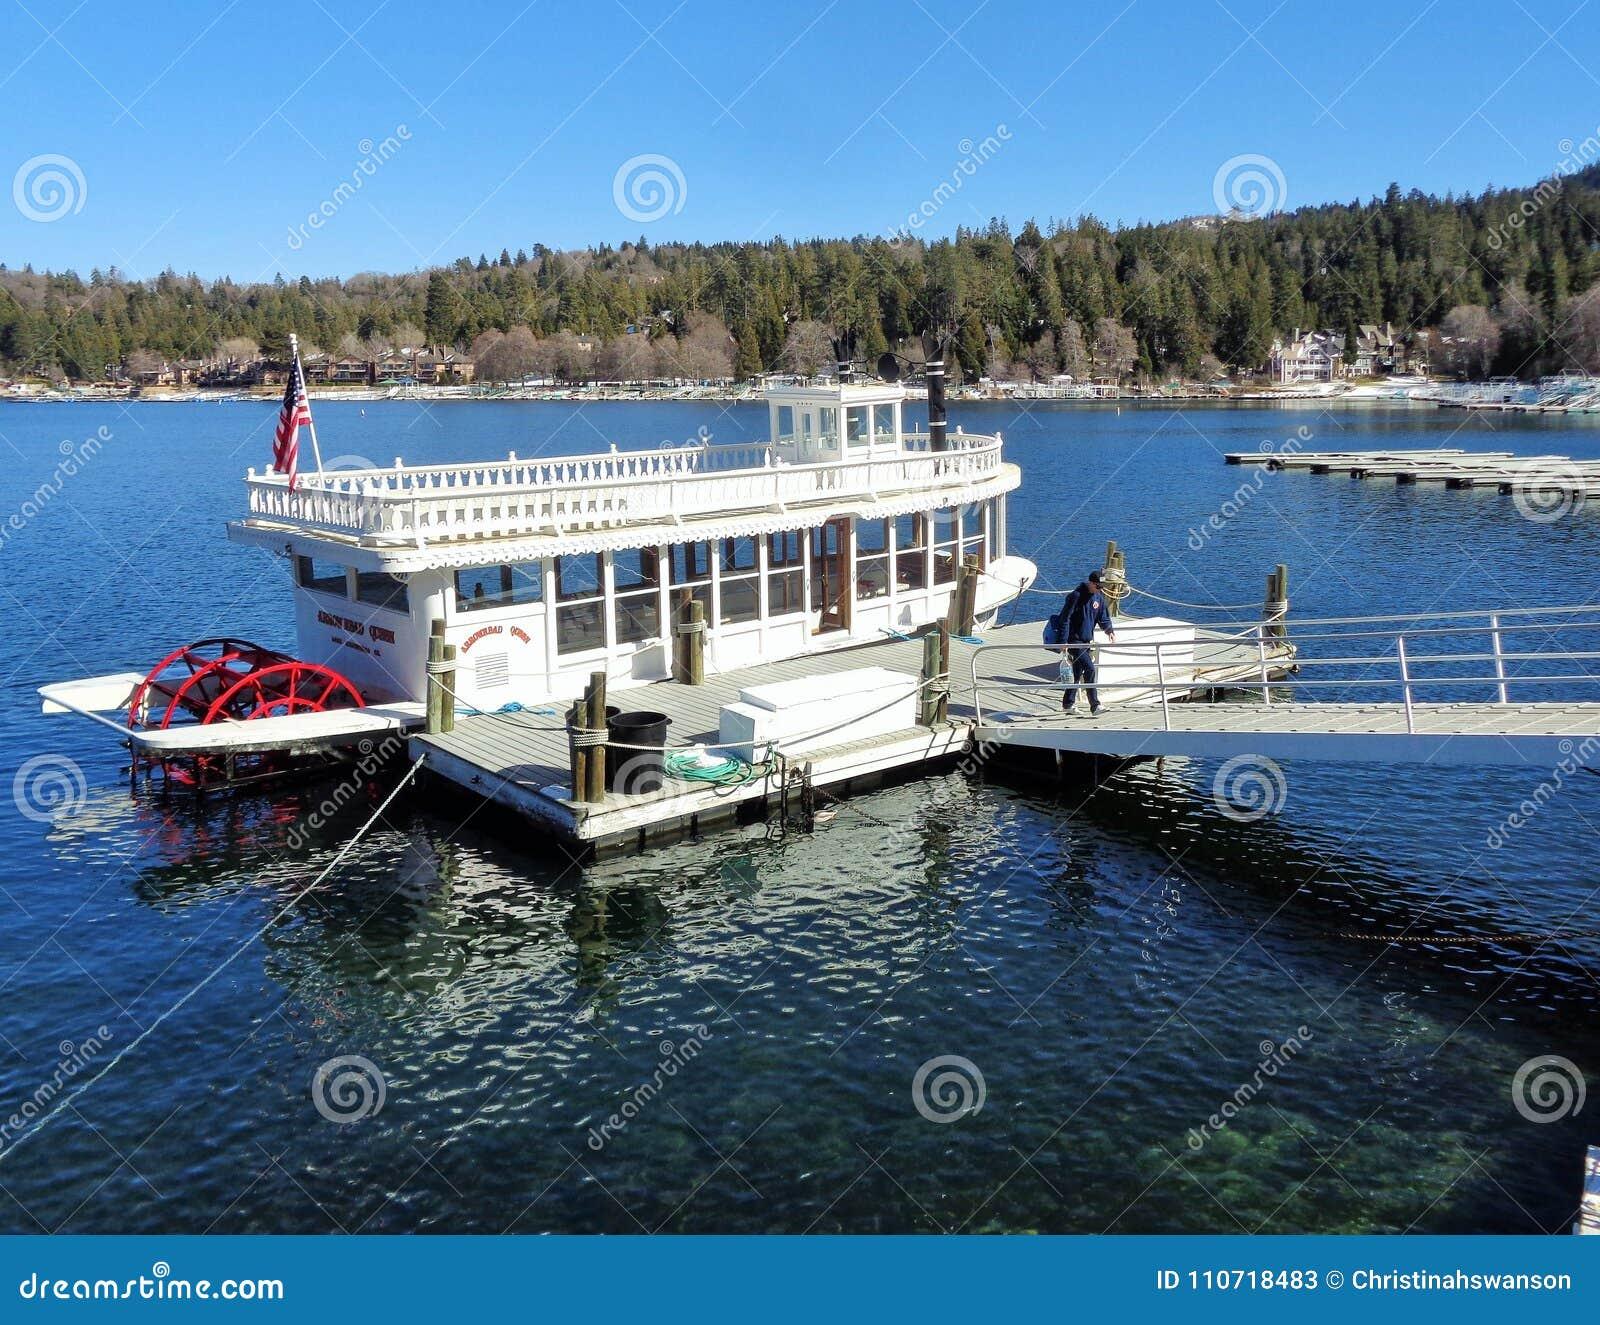 Barco de la rueda de paletas de la reina de la punta de flecha del lago en muelle